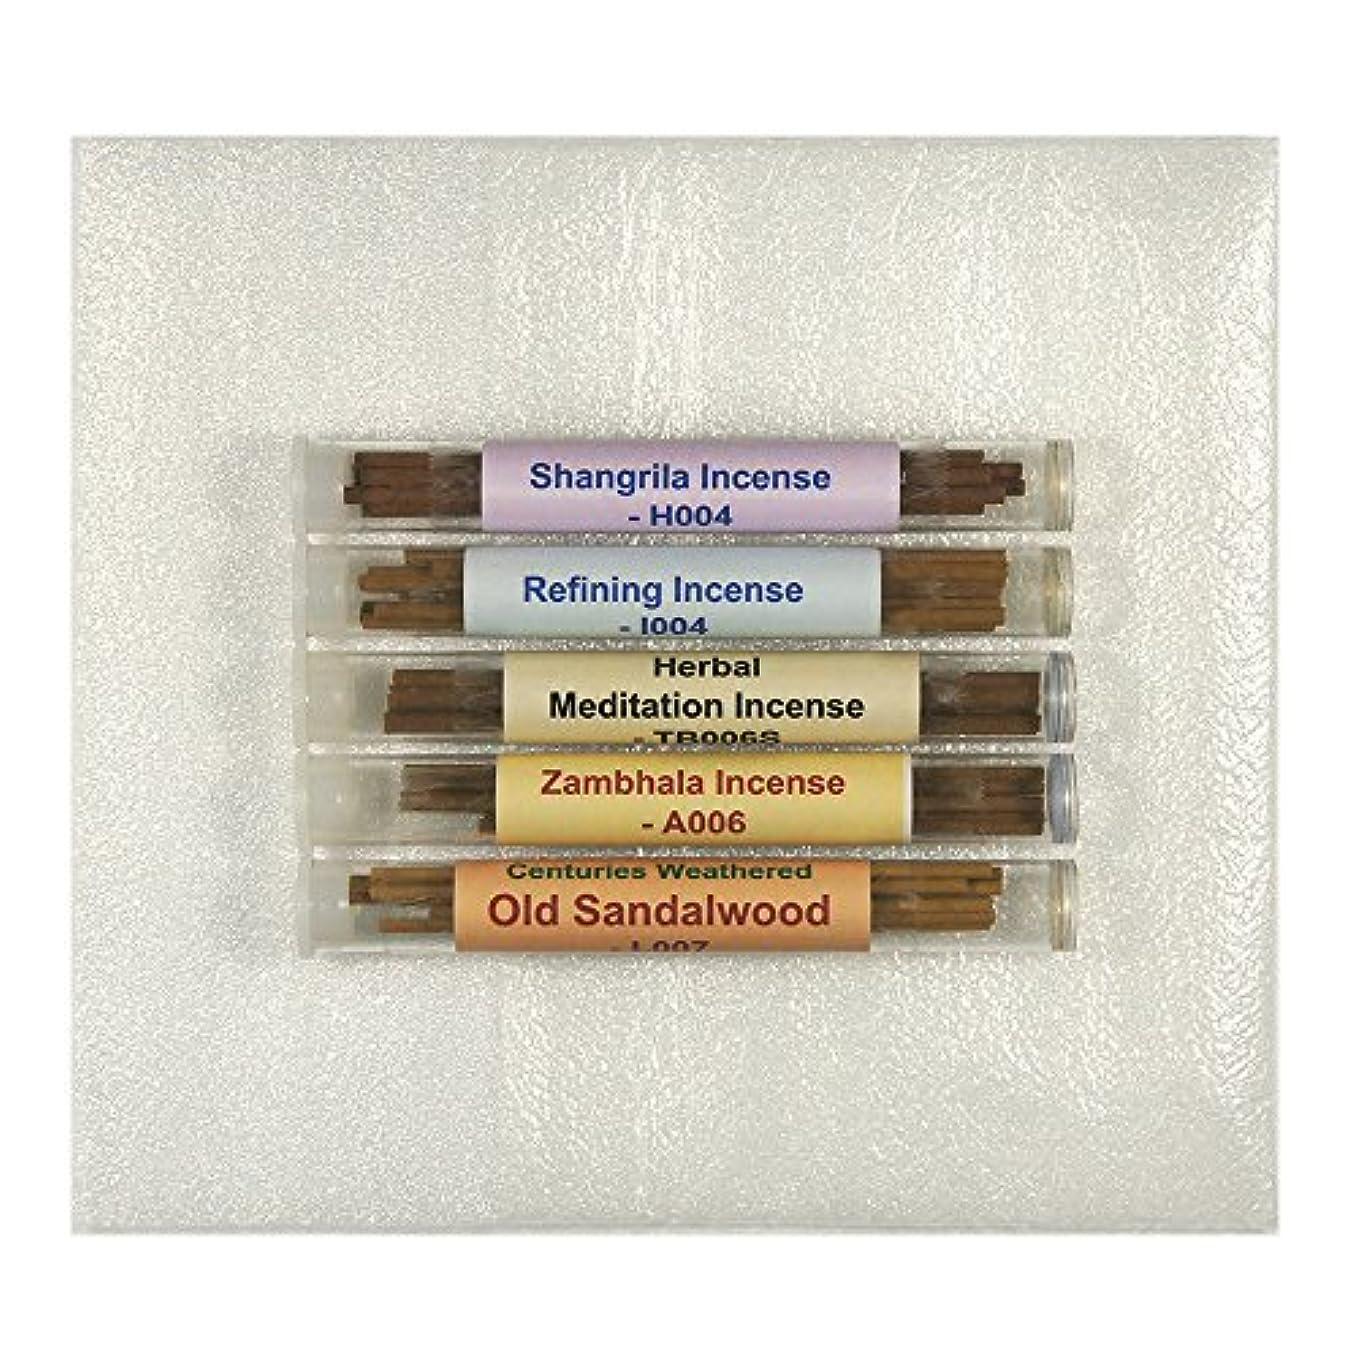 ガロングラフィック怖がらせるチベット香サンプルパック# 2 – 5チューブセット – [ Shangrila Incense + Refining Incense +ハーブMeditation Incense ø4 mm + Zambhala Incense...